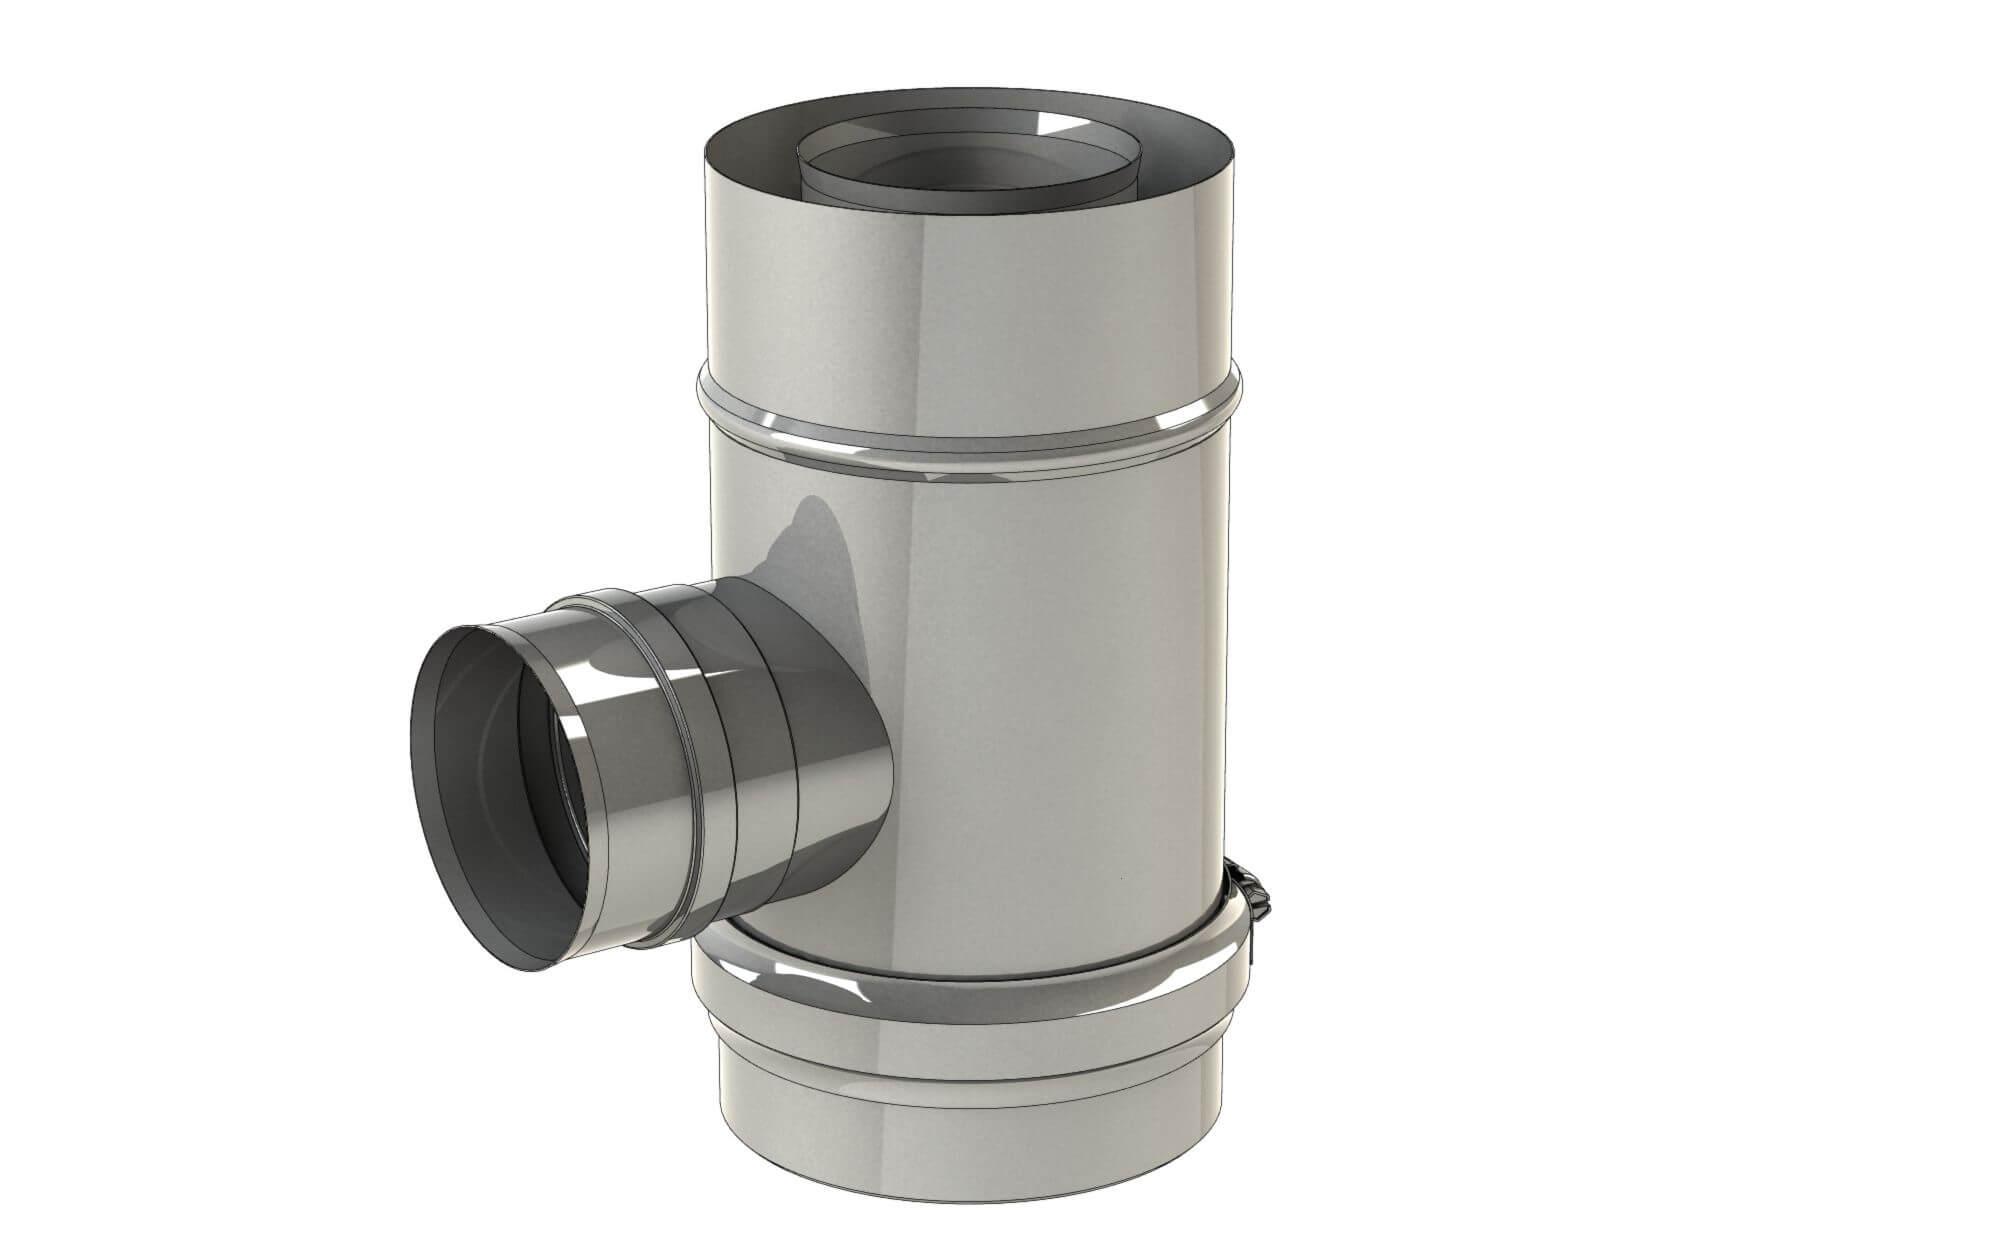 te90-sortie-de-fumee-avec-pquage-80mm-f-inox-twin-biosmass